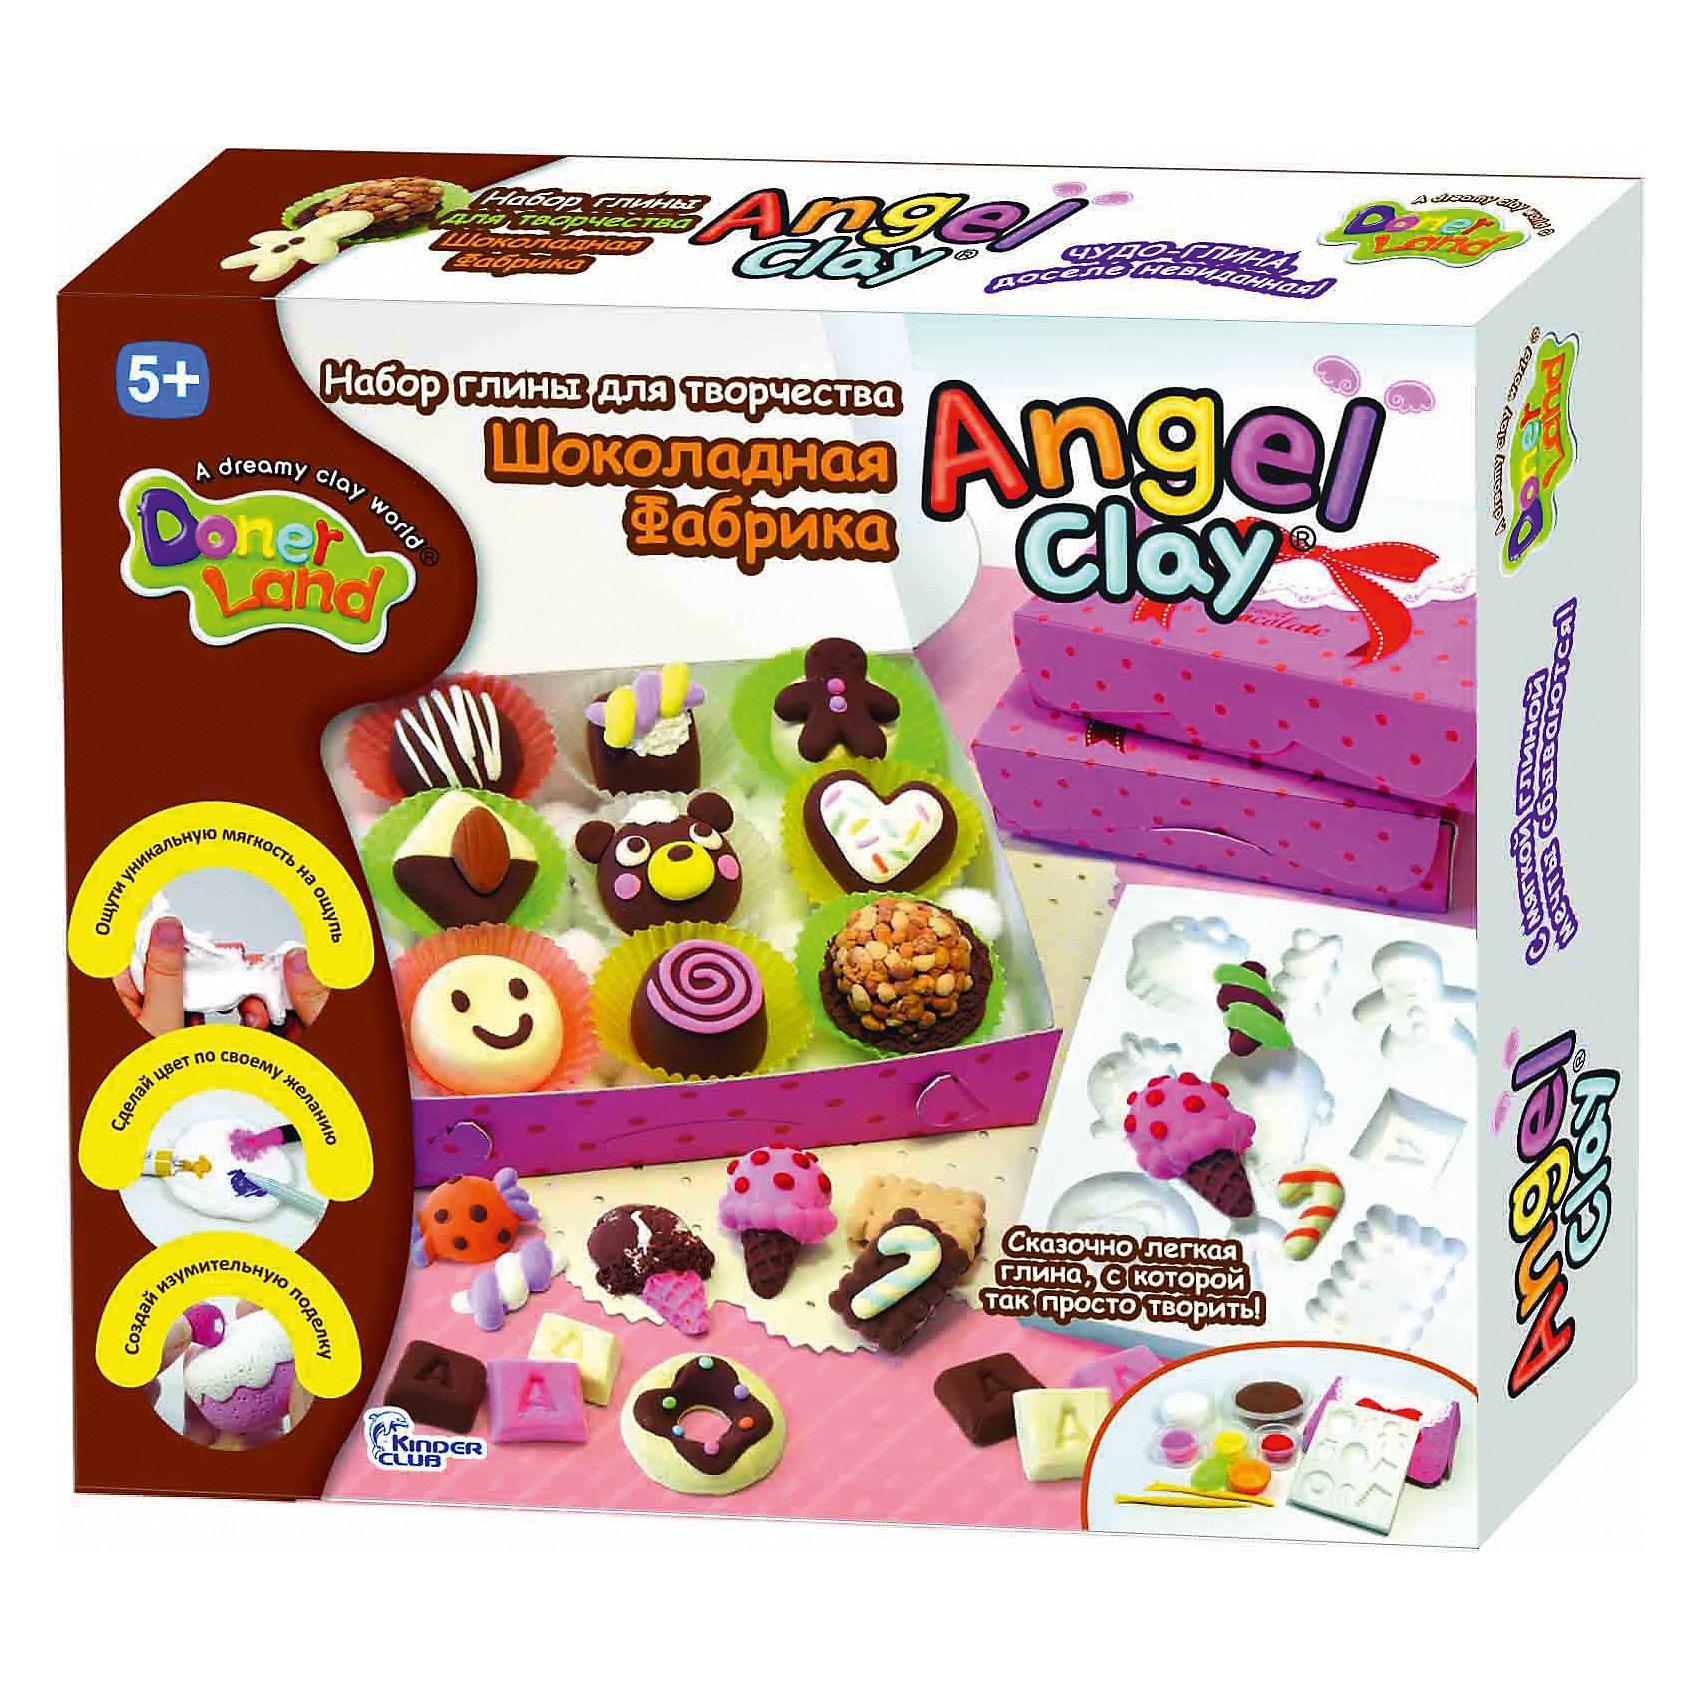 Angel Clay Игровой набор для лепки из глины  Sweet  Chocolat, Angel Clay масса для лепки candy clay набор конфетки